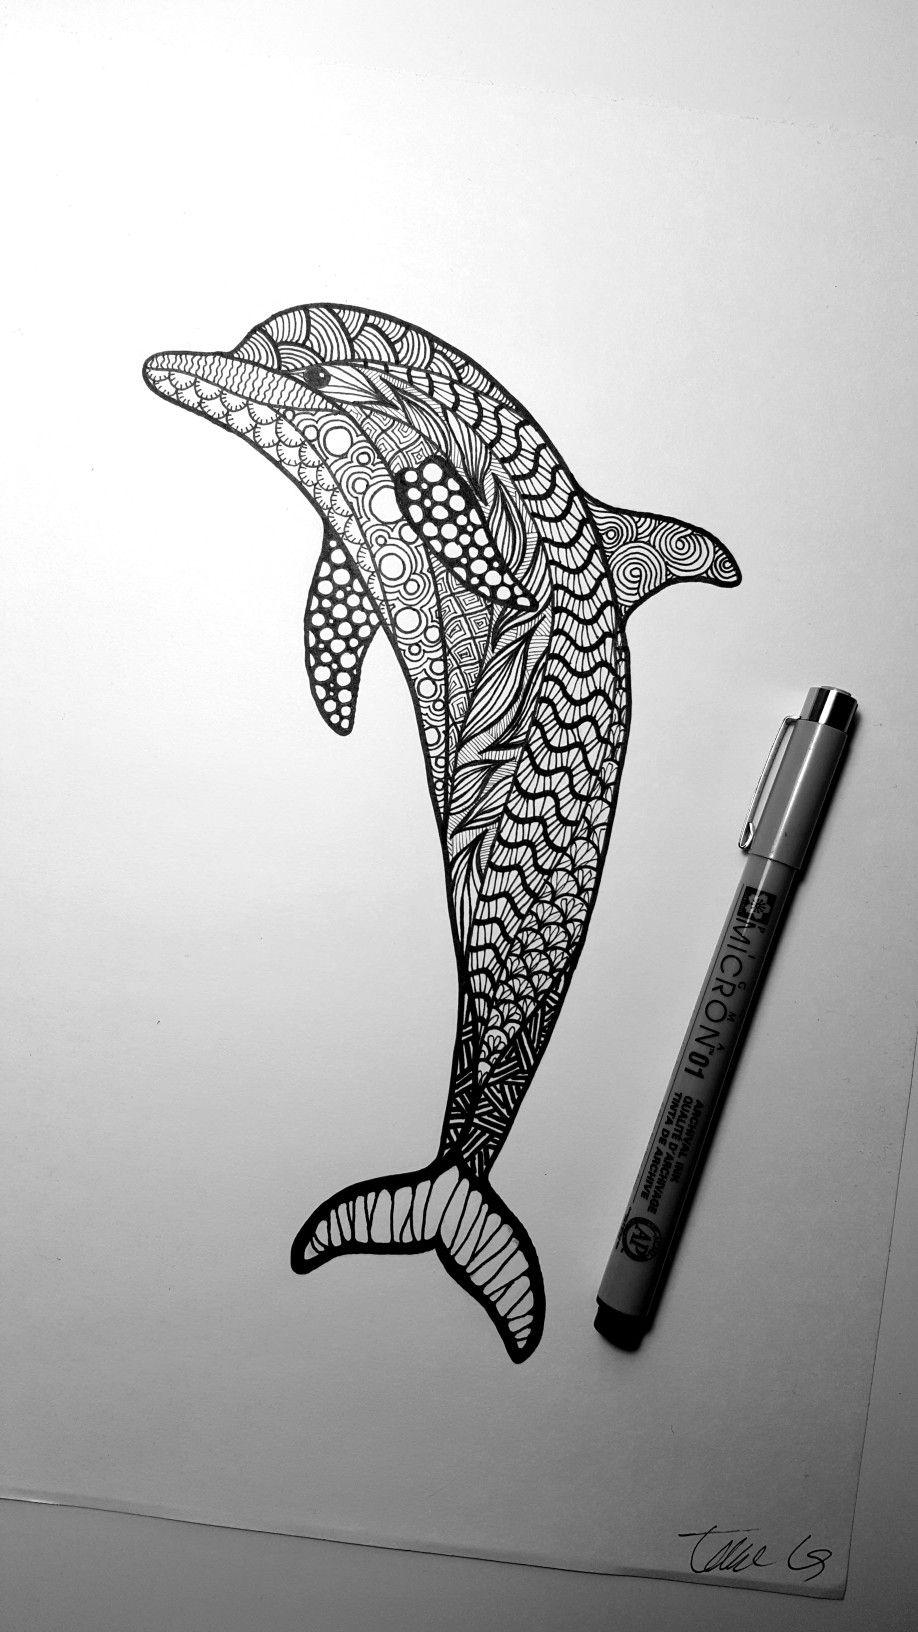 delphin malvorlagen zum ausdrucken romantik